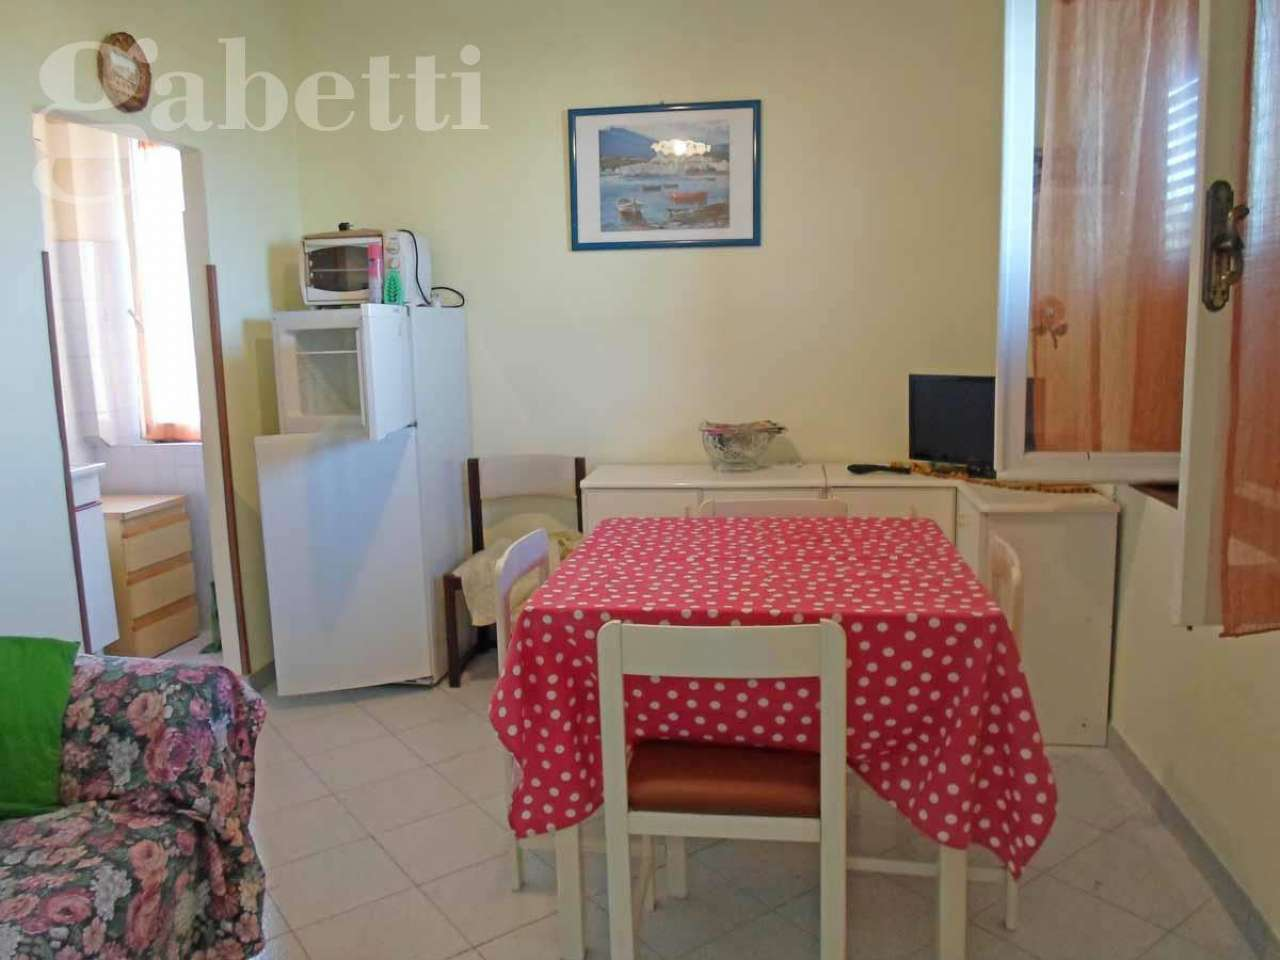 Appartamento in vendita a Senigallia, 3 locali, prezzo € 90.000 | CambioCasa.it